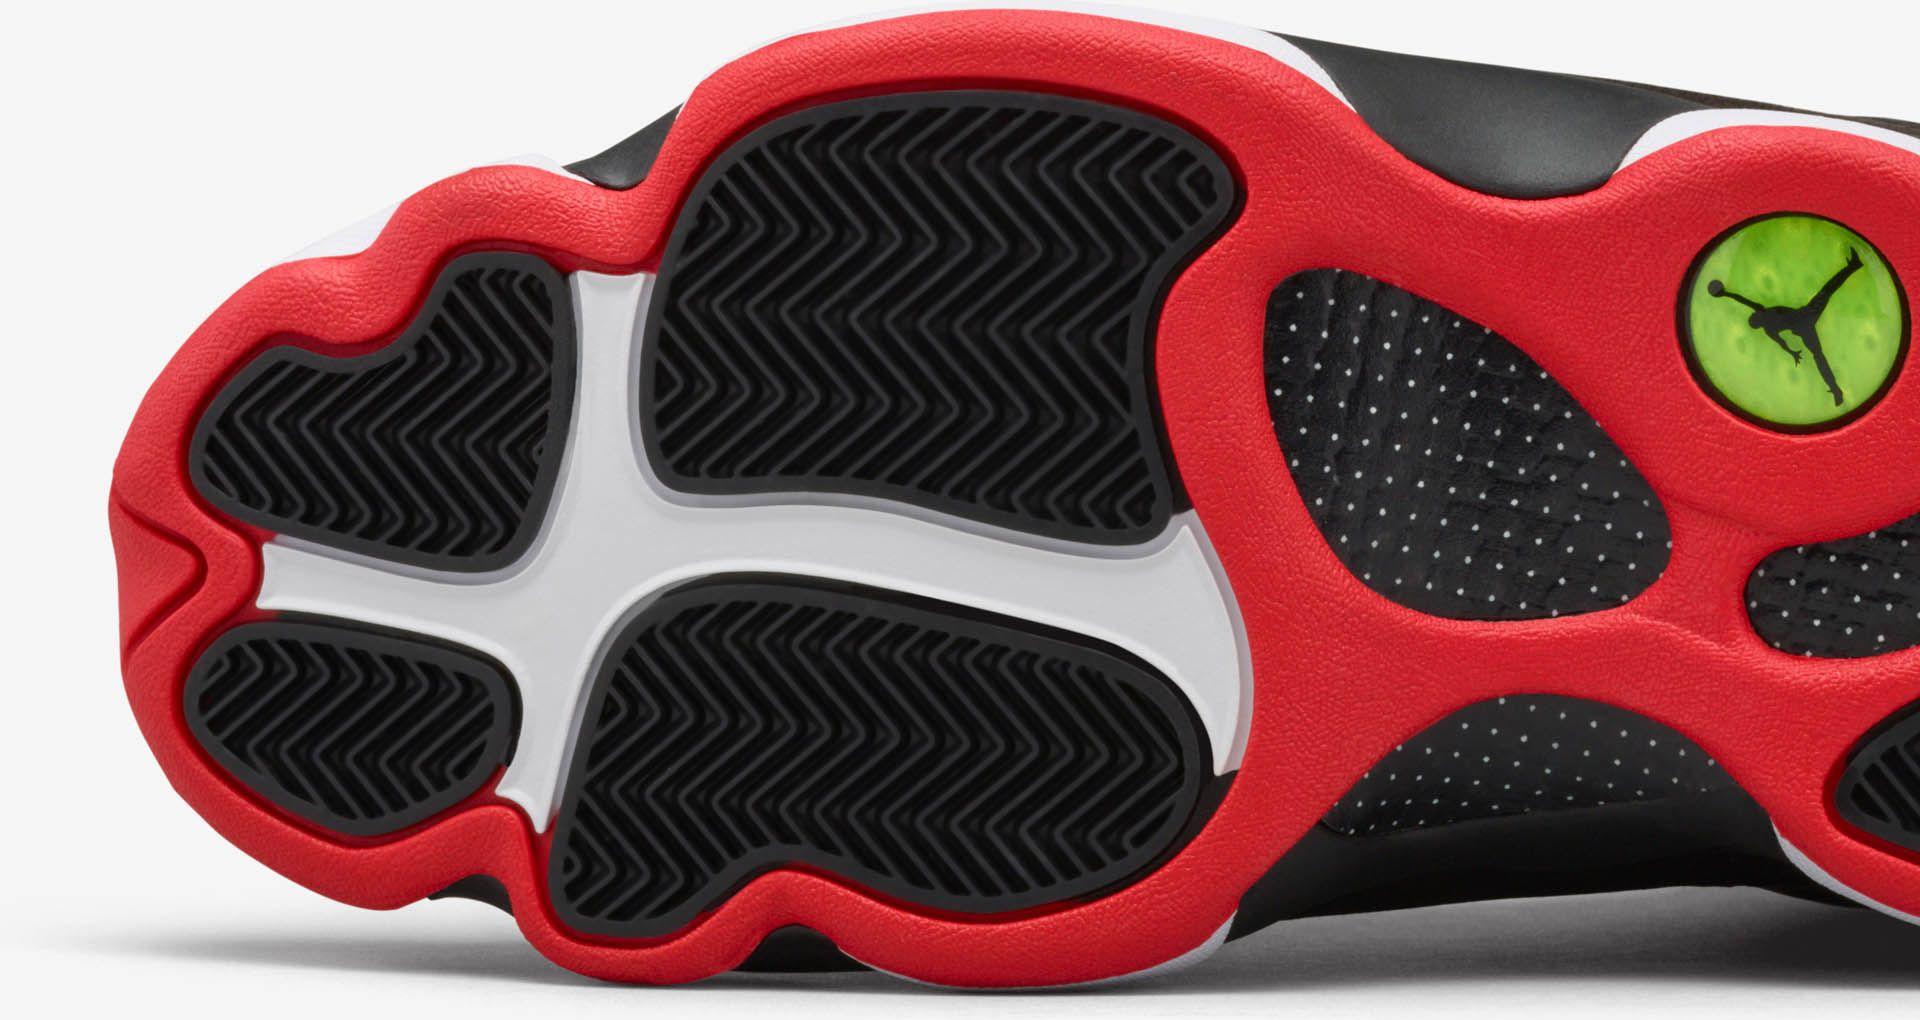 bc09ef24155 Air Jordan 13 Retro Low 'Bred' Release Date. Nike+ SNKRS